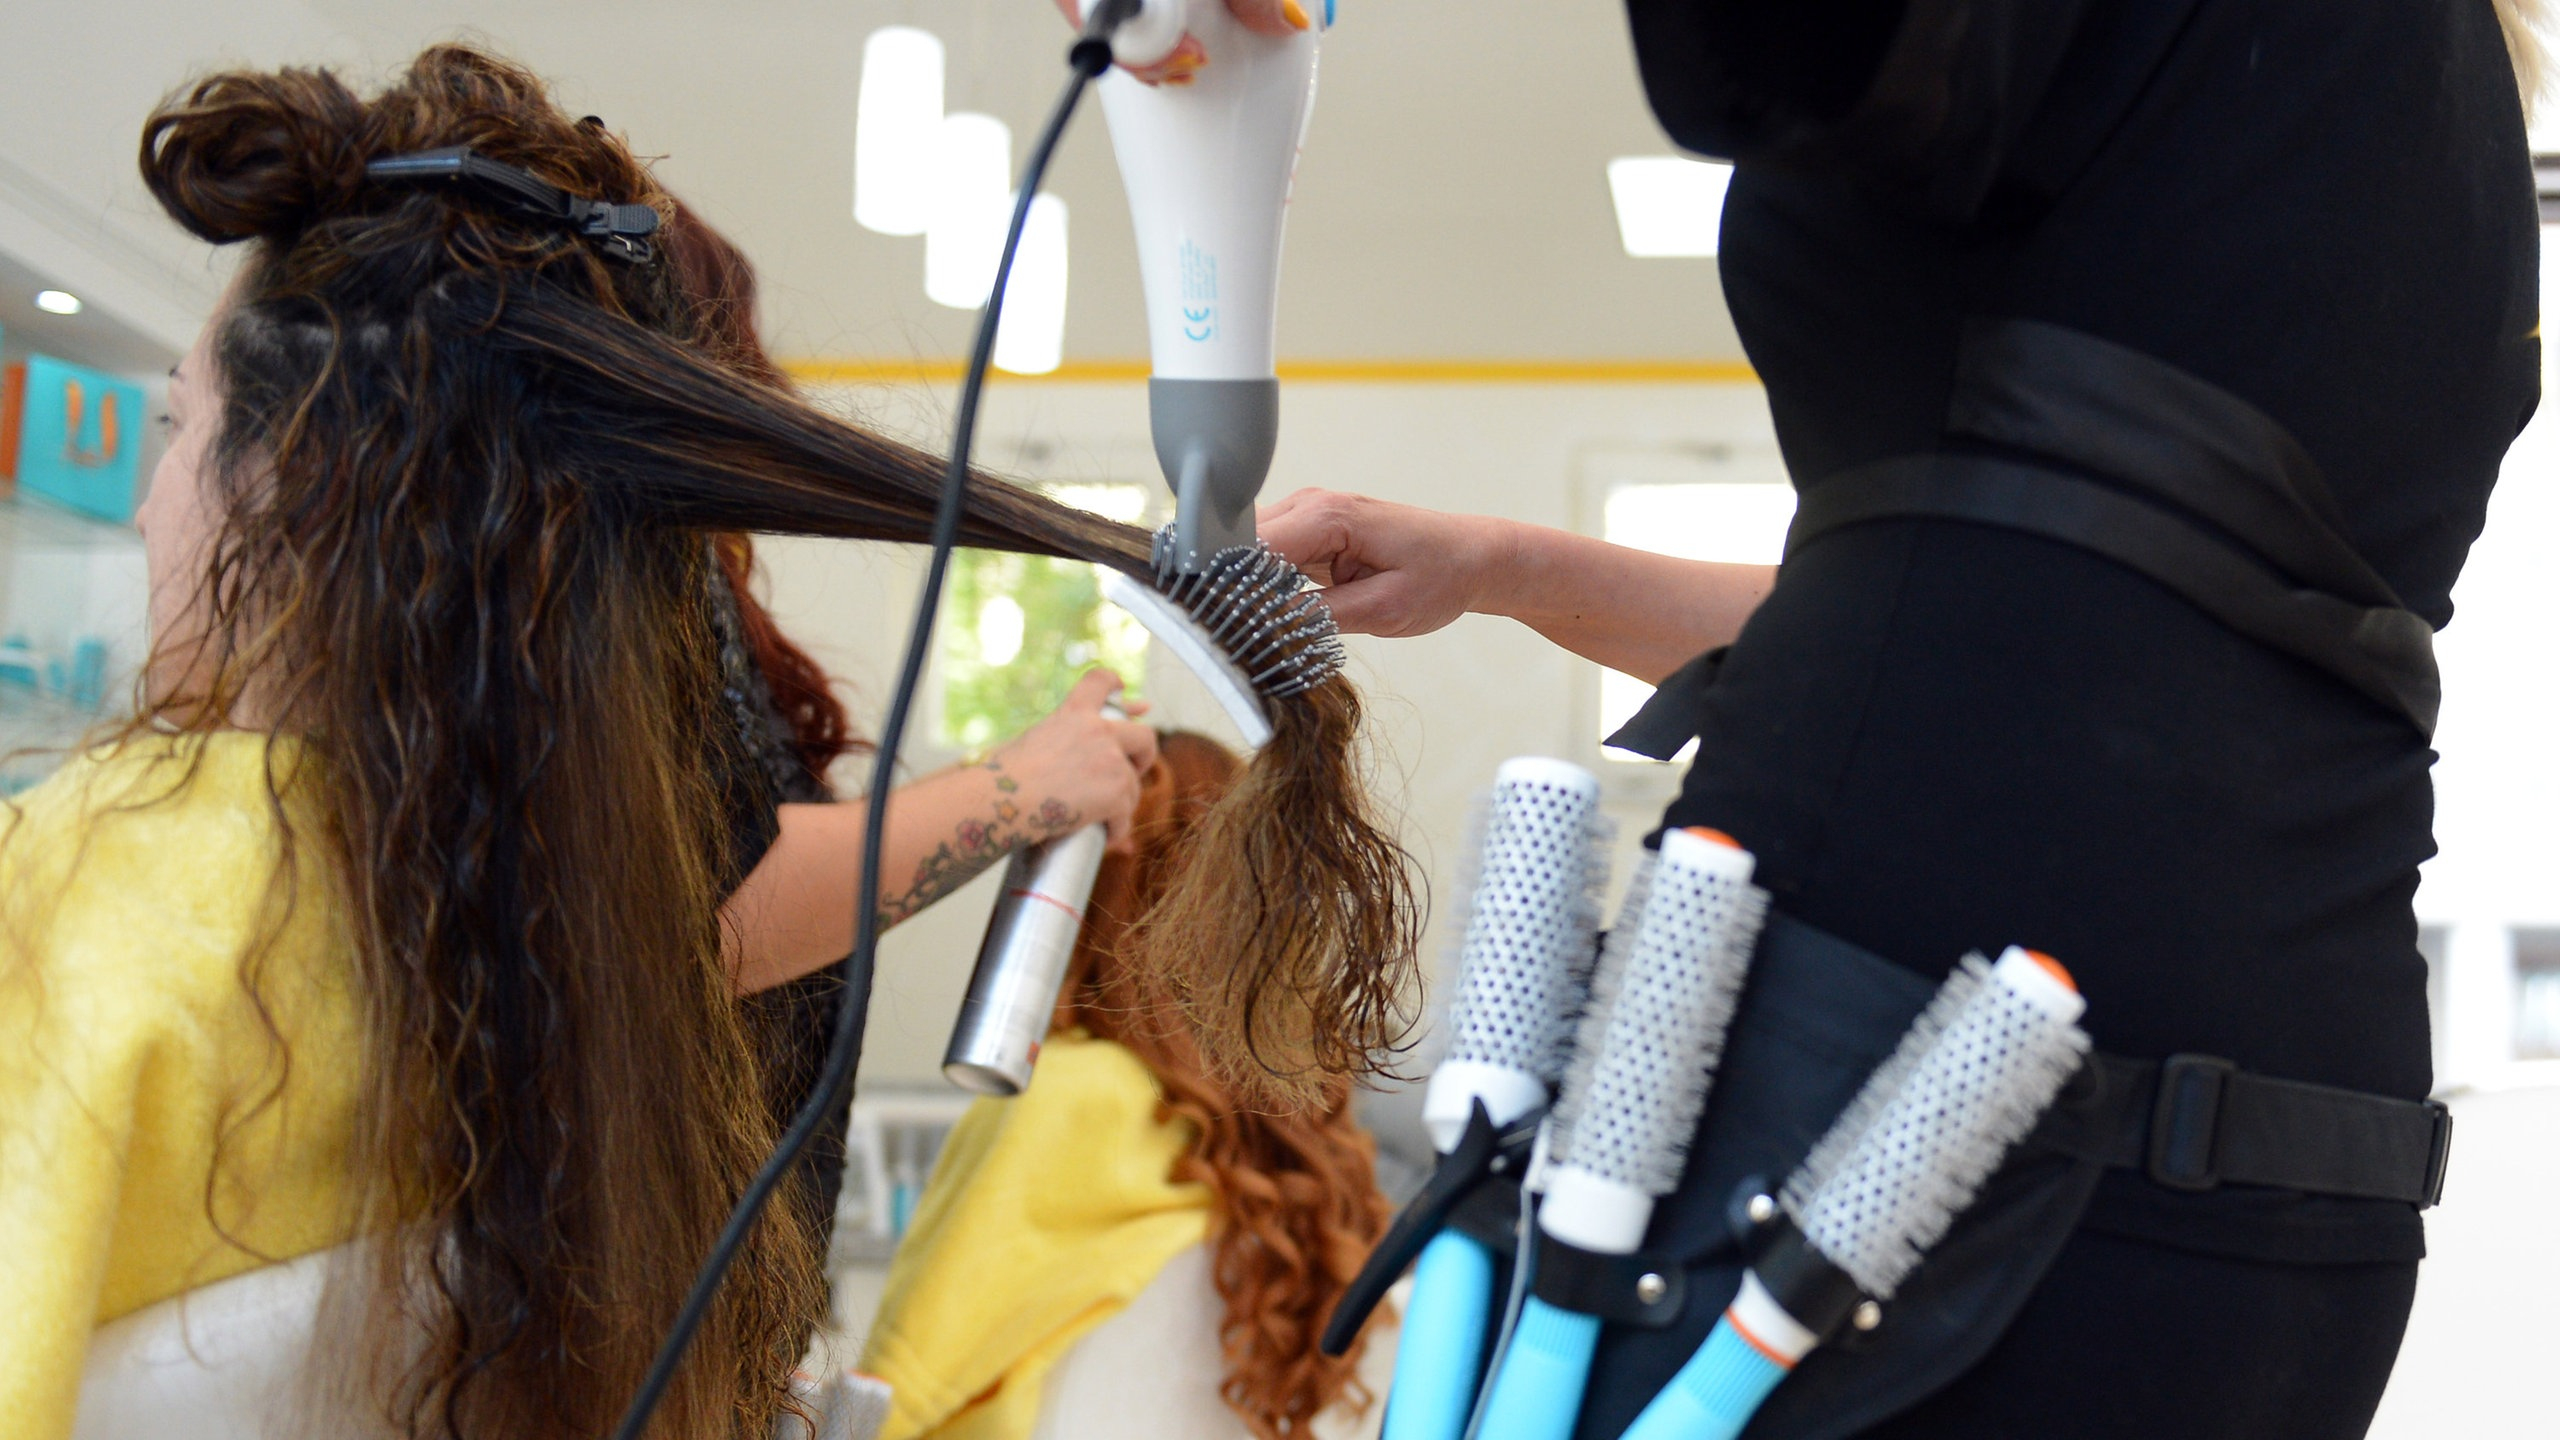 Anatomie Des Menschen: Haare - Haare - Natur - Planet Wissen über Wieviel Haare Hat Der Mensch Auf Dem Kopf